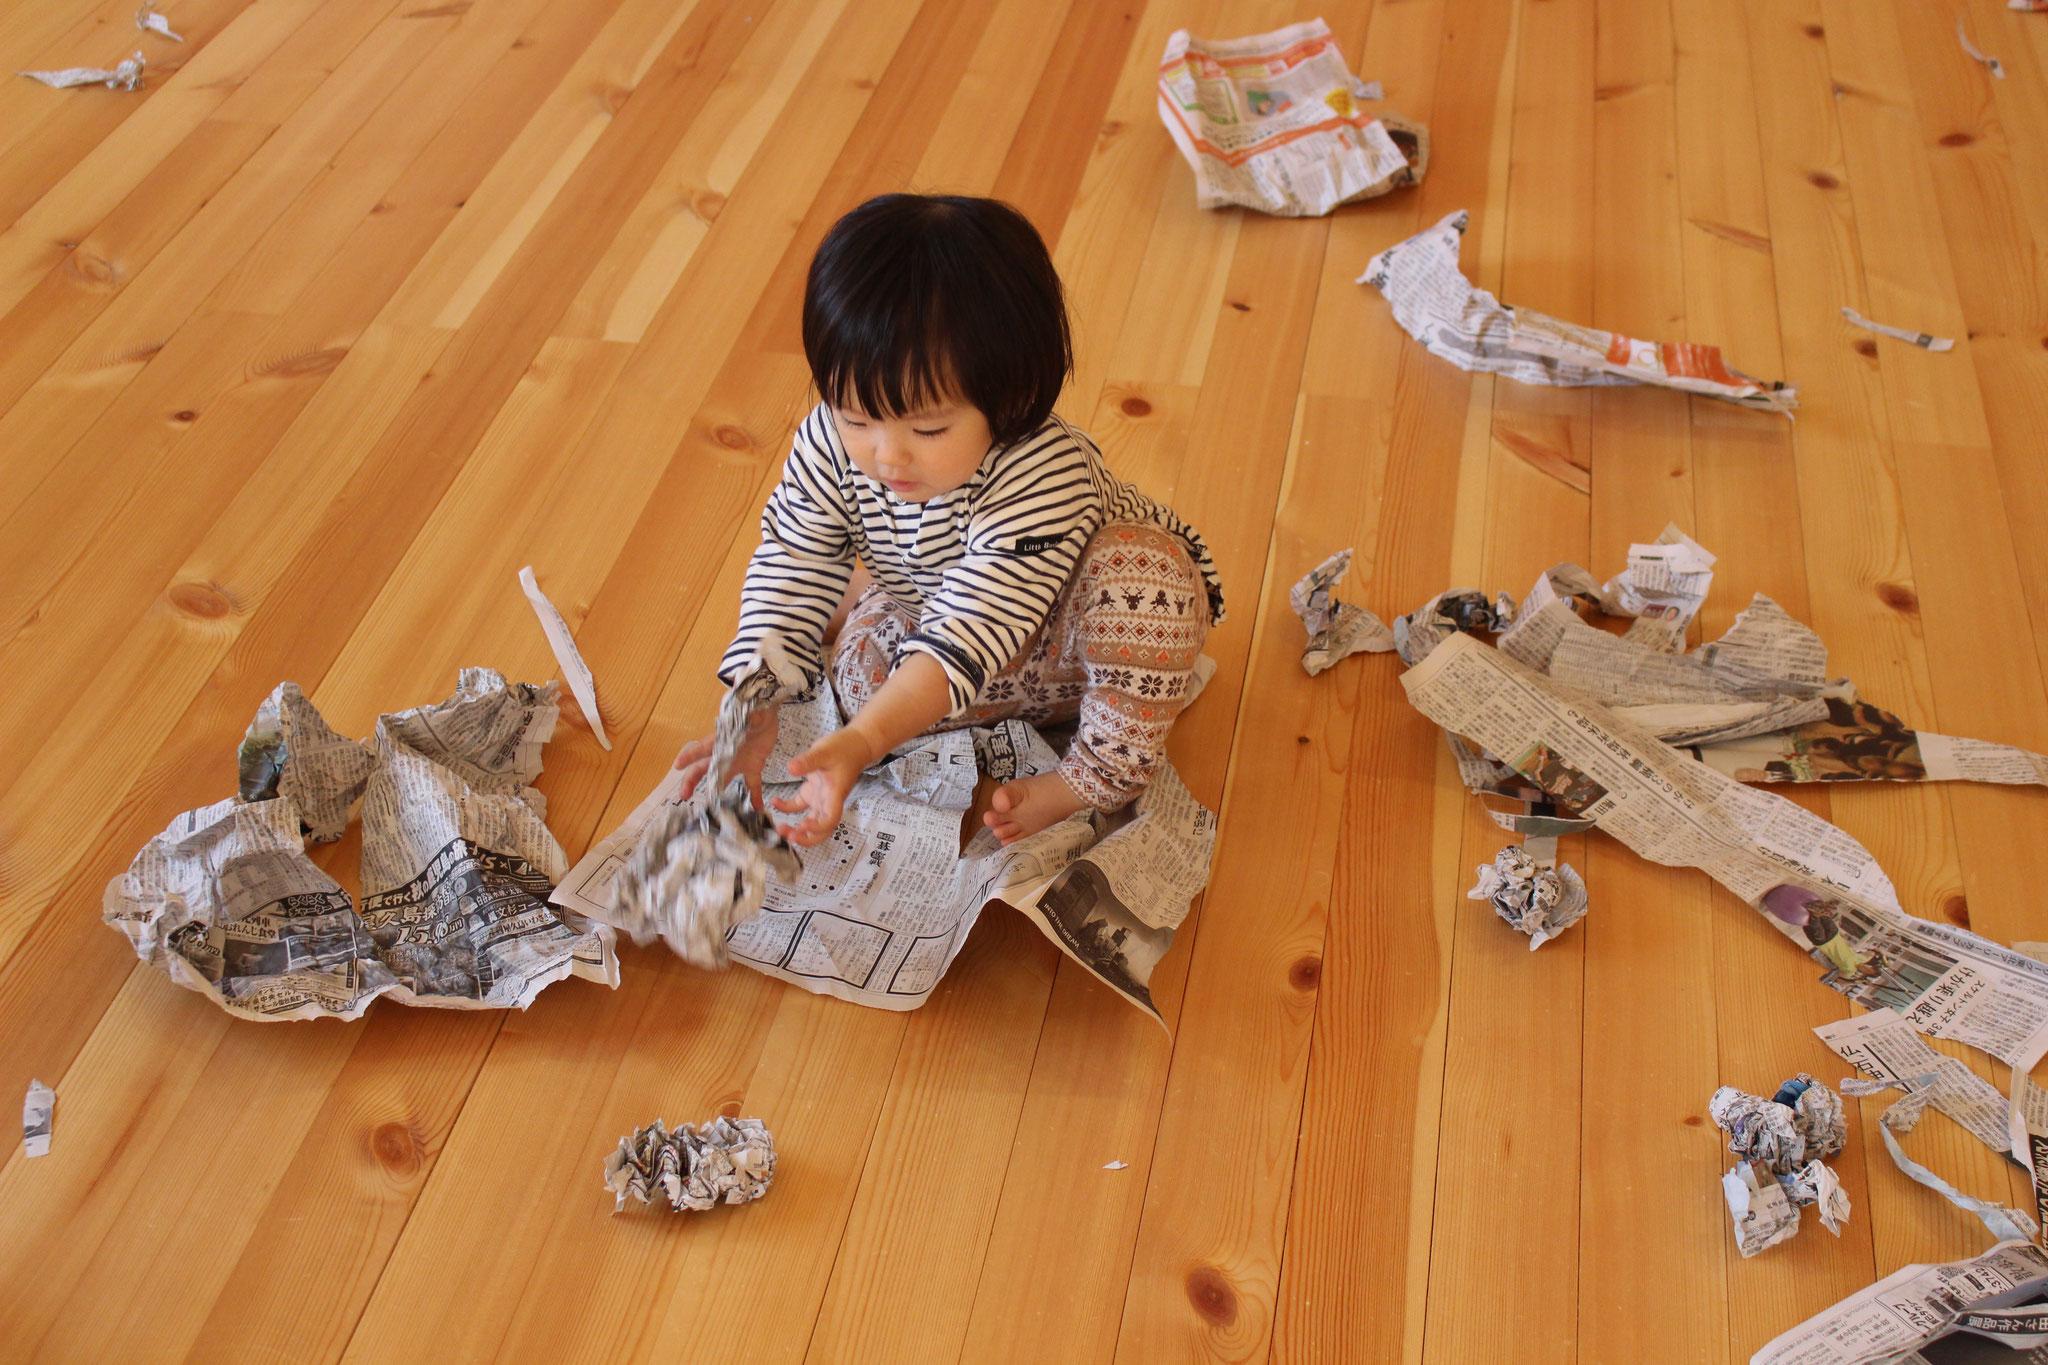 紙を びりびり 何を作るのかな(。´・ω・)? 豊かな創造性を 育んでね